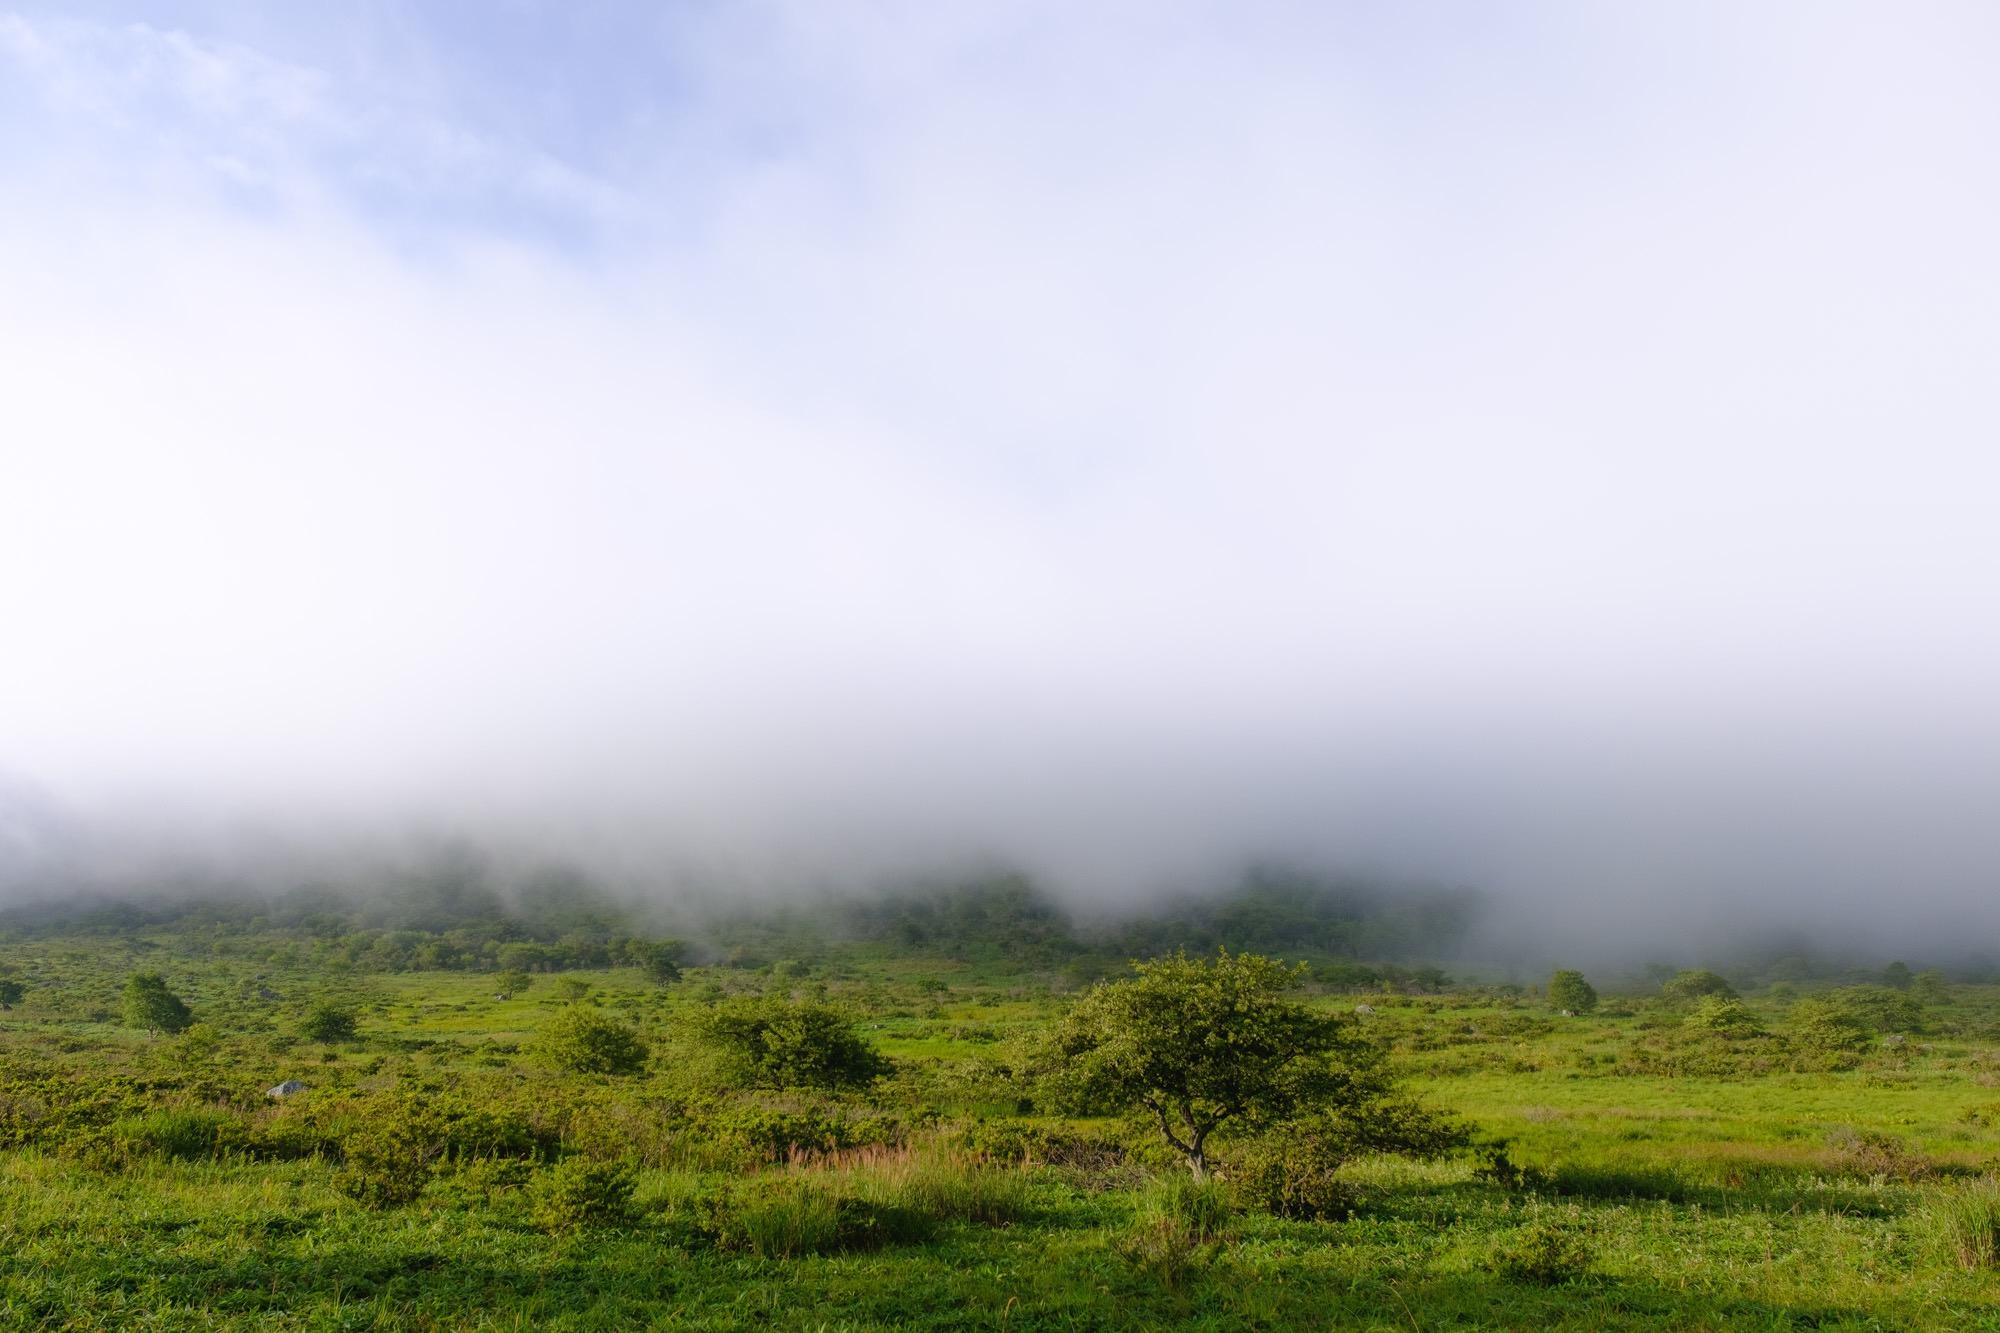 霧が立ち込める霧ヶ峰